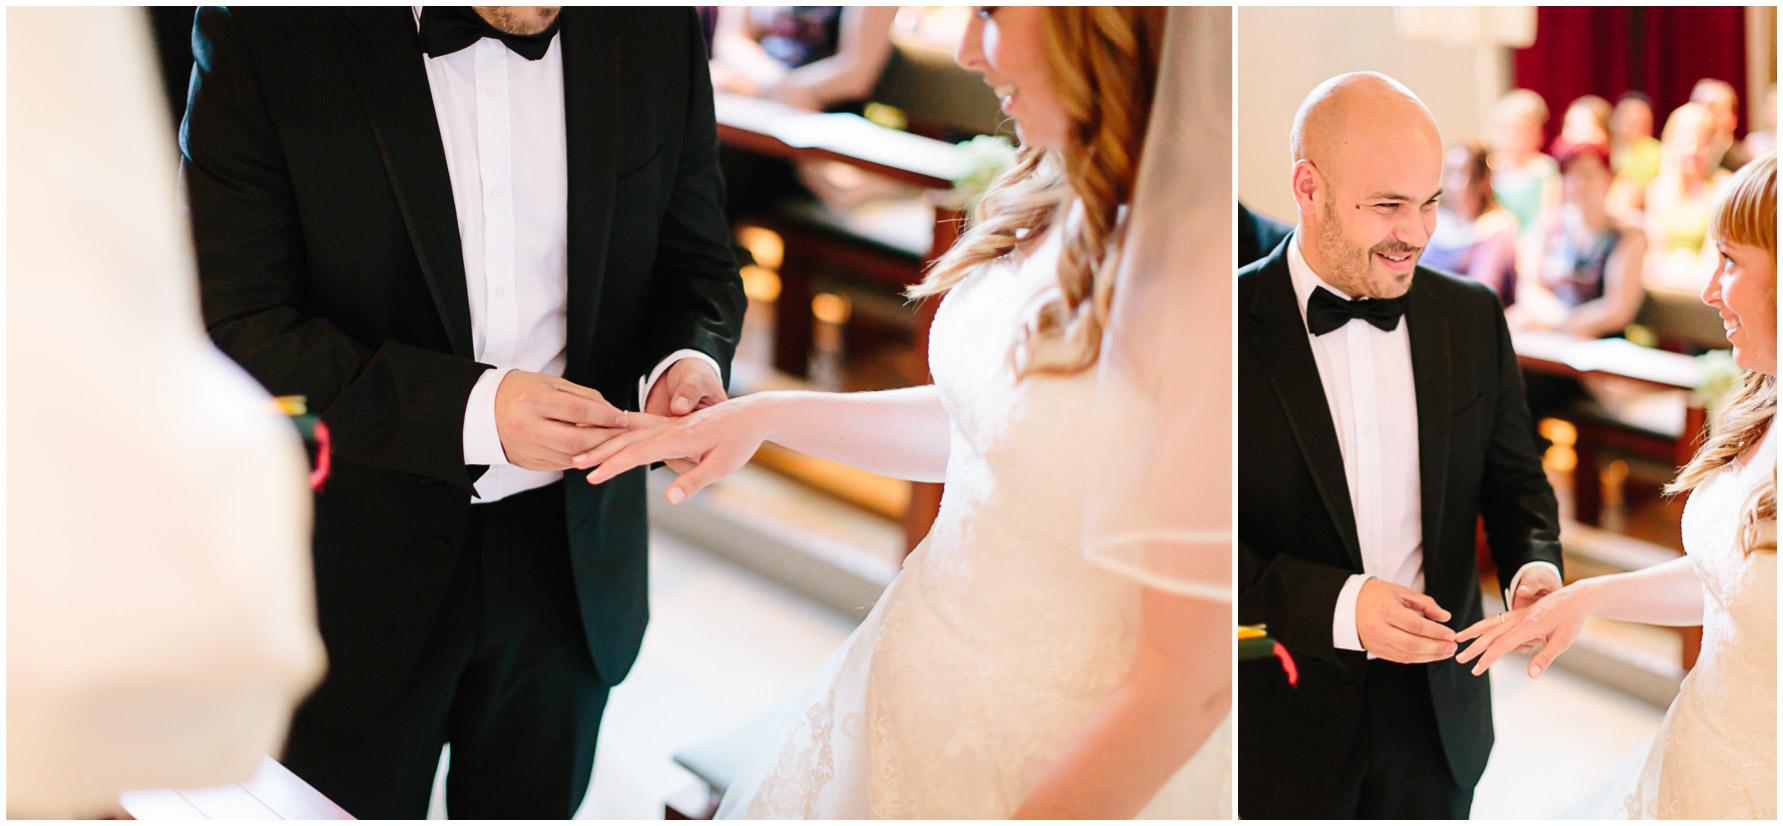 Hochzeit Carina und Andreas Blog 23